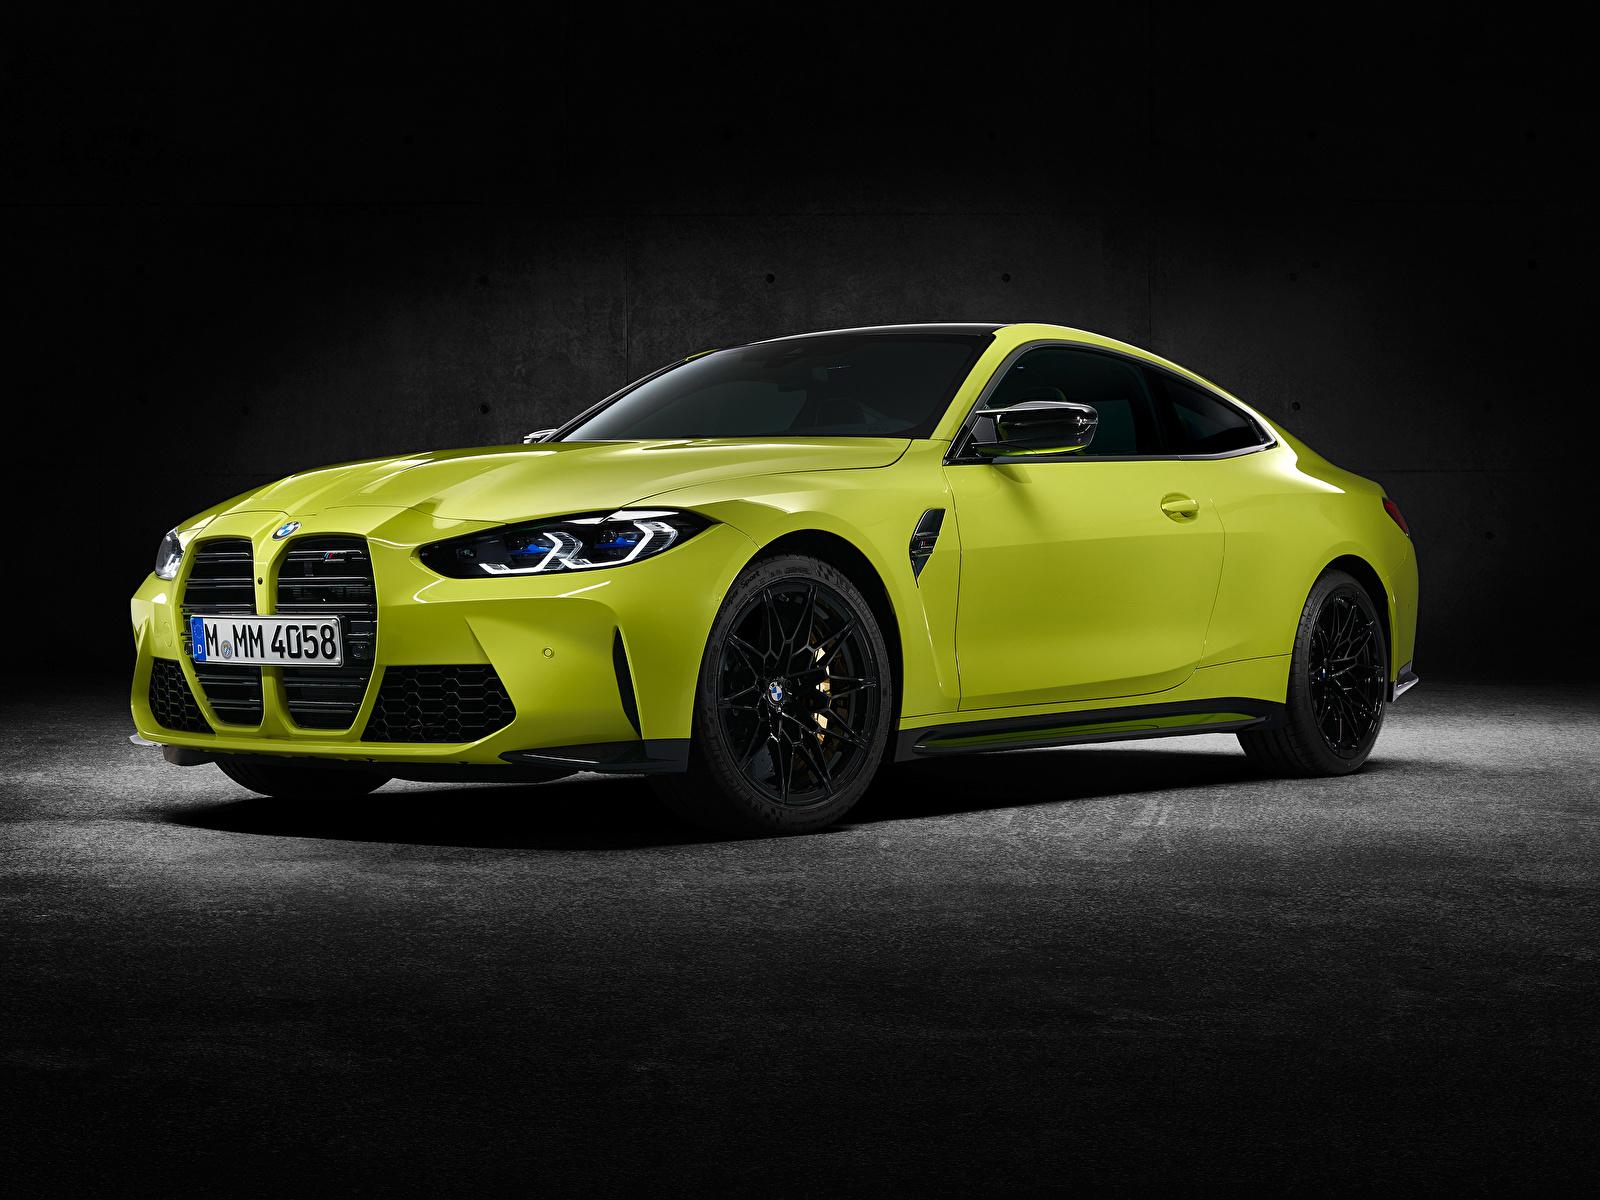 Обои для рабочего стола БМВ M4 Competition, (G82), 2020 Купе авто Металлик 1600x1200 BMW машина машины Автомобили автомобиль